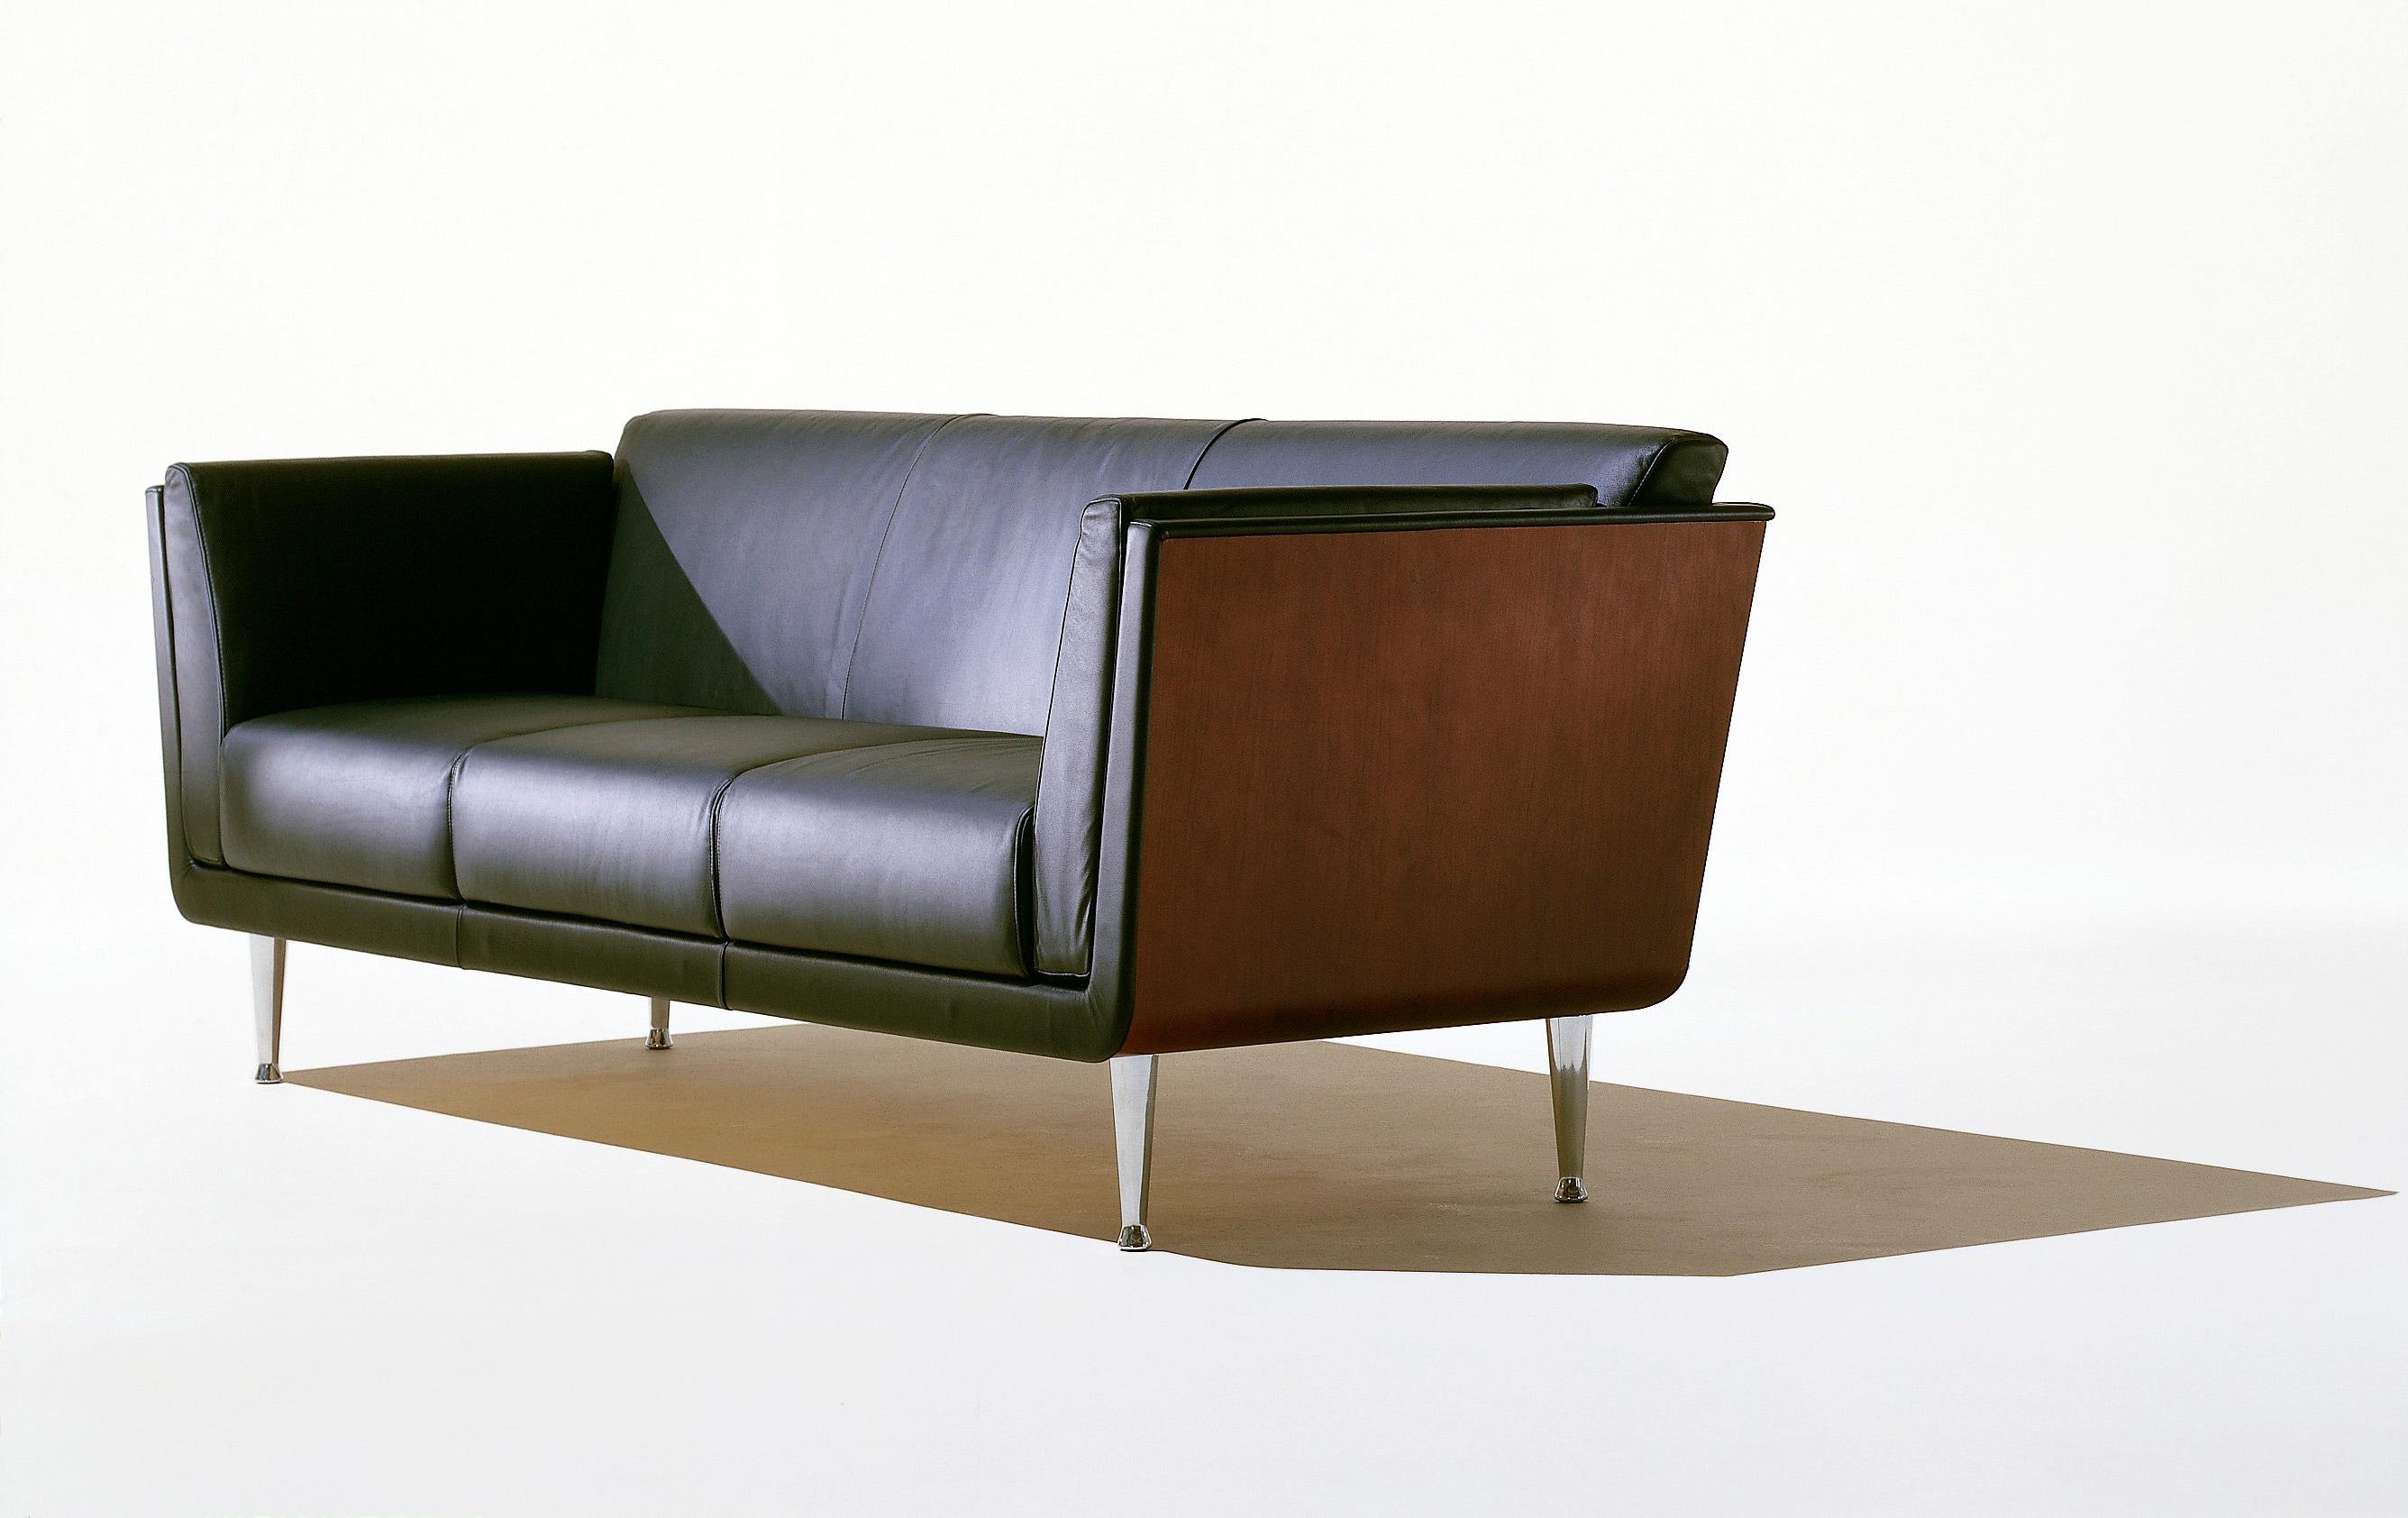 herman miller goetz sofa gr shop canada. Black Bedroom Furniture Sets. Home Design Ideas